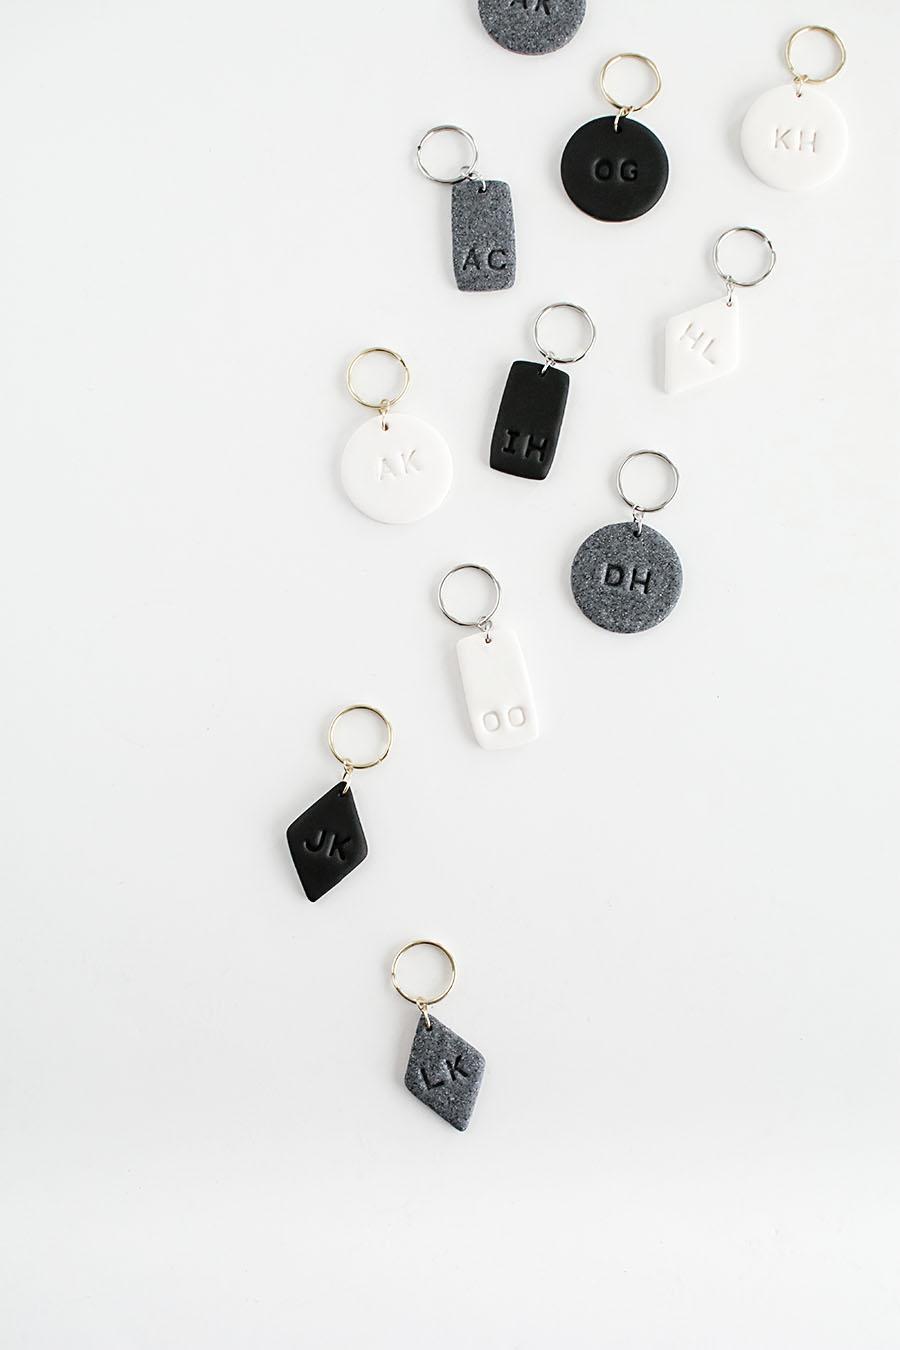 DIY- Monogram Clay Keychains